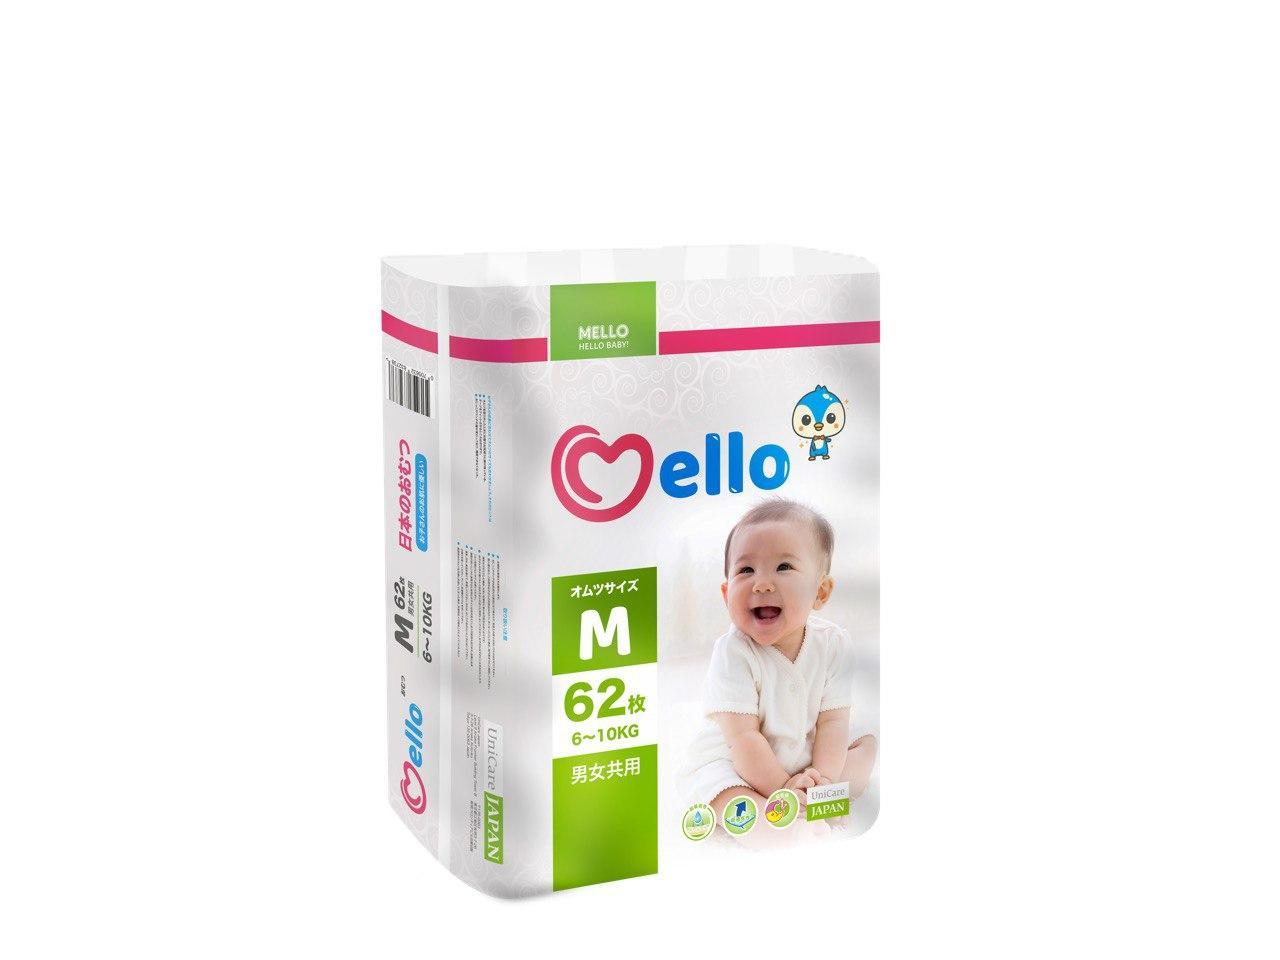 Подгузники Mello М (6-10 кг) 62 штуки